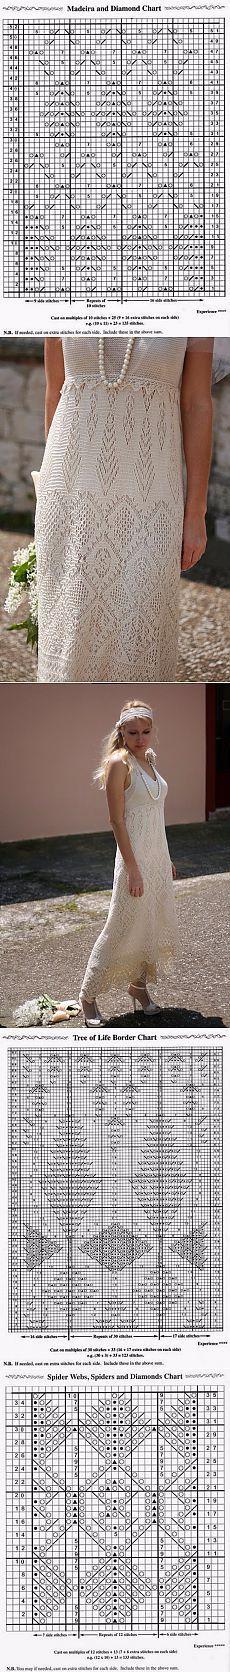 """цитата koko_shik : Вязание на спицах: шикарные платья с ажурными узорами (""""филейное"""" вязание спицами) (16:36 25-04-2015) [5591840/360354389] - ksunia1969@mail.ru - Почта Mail.Ru"""